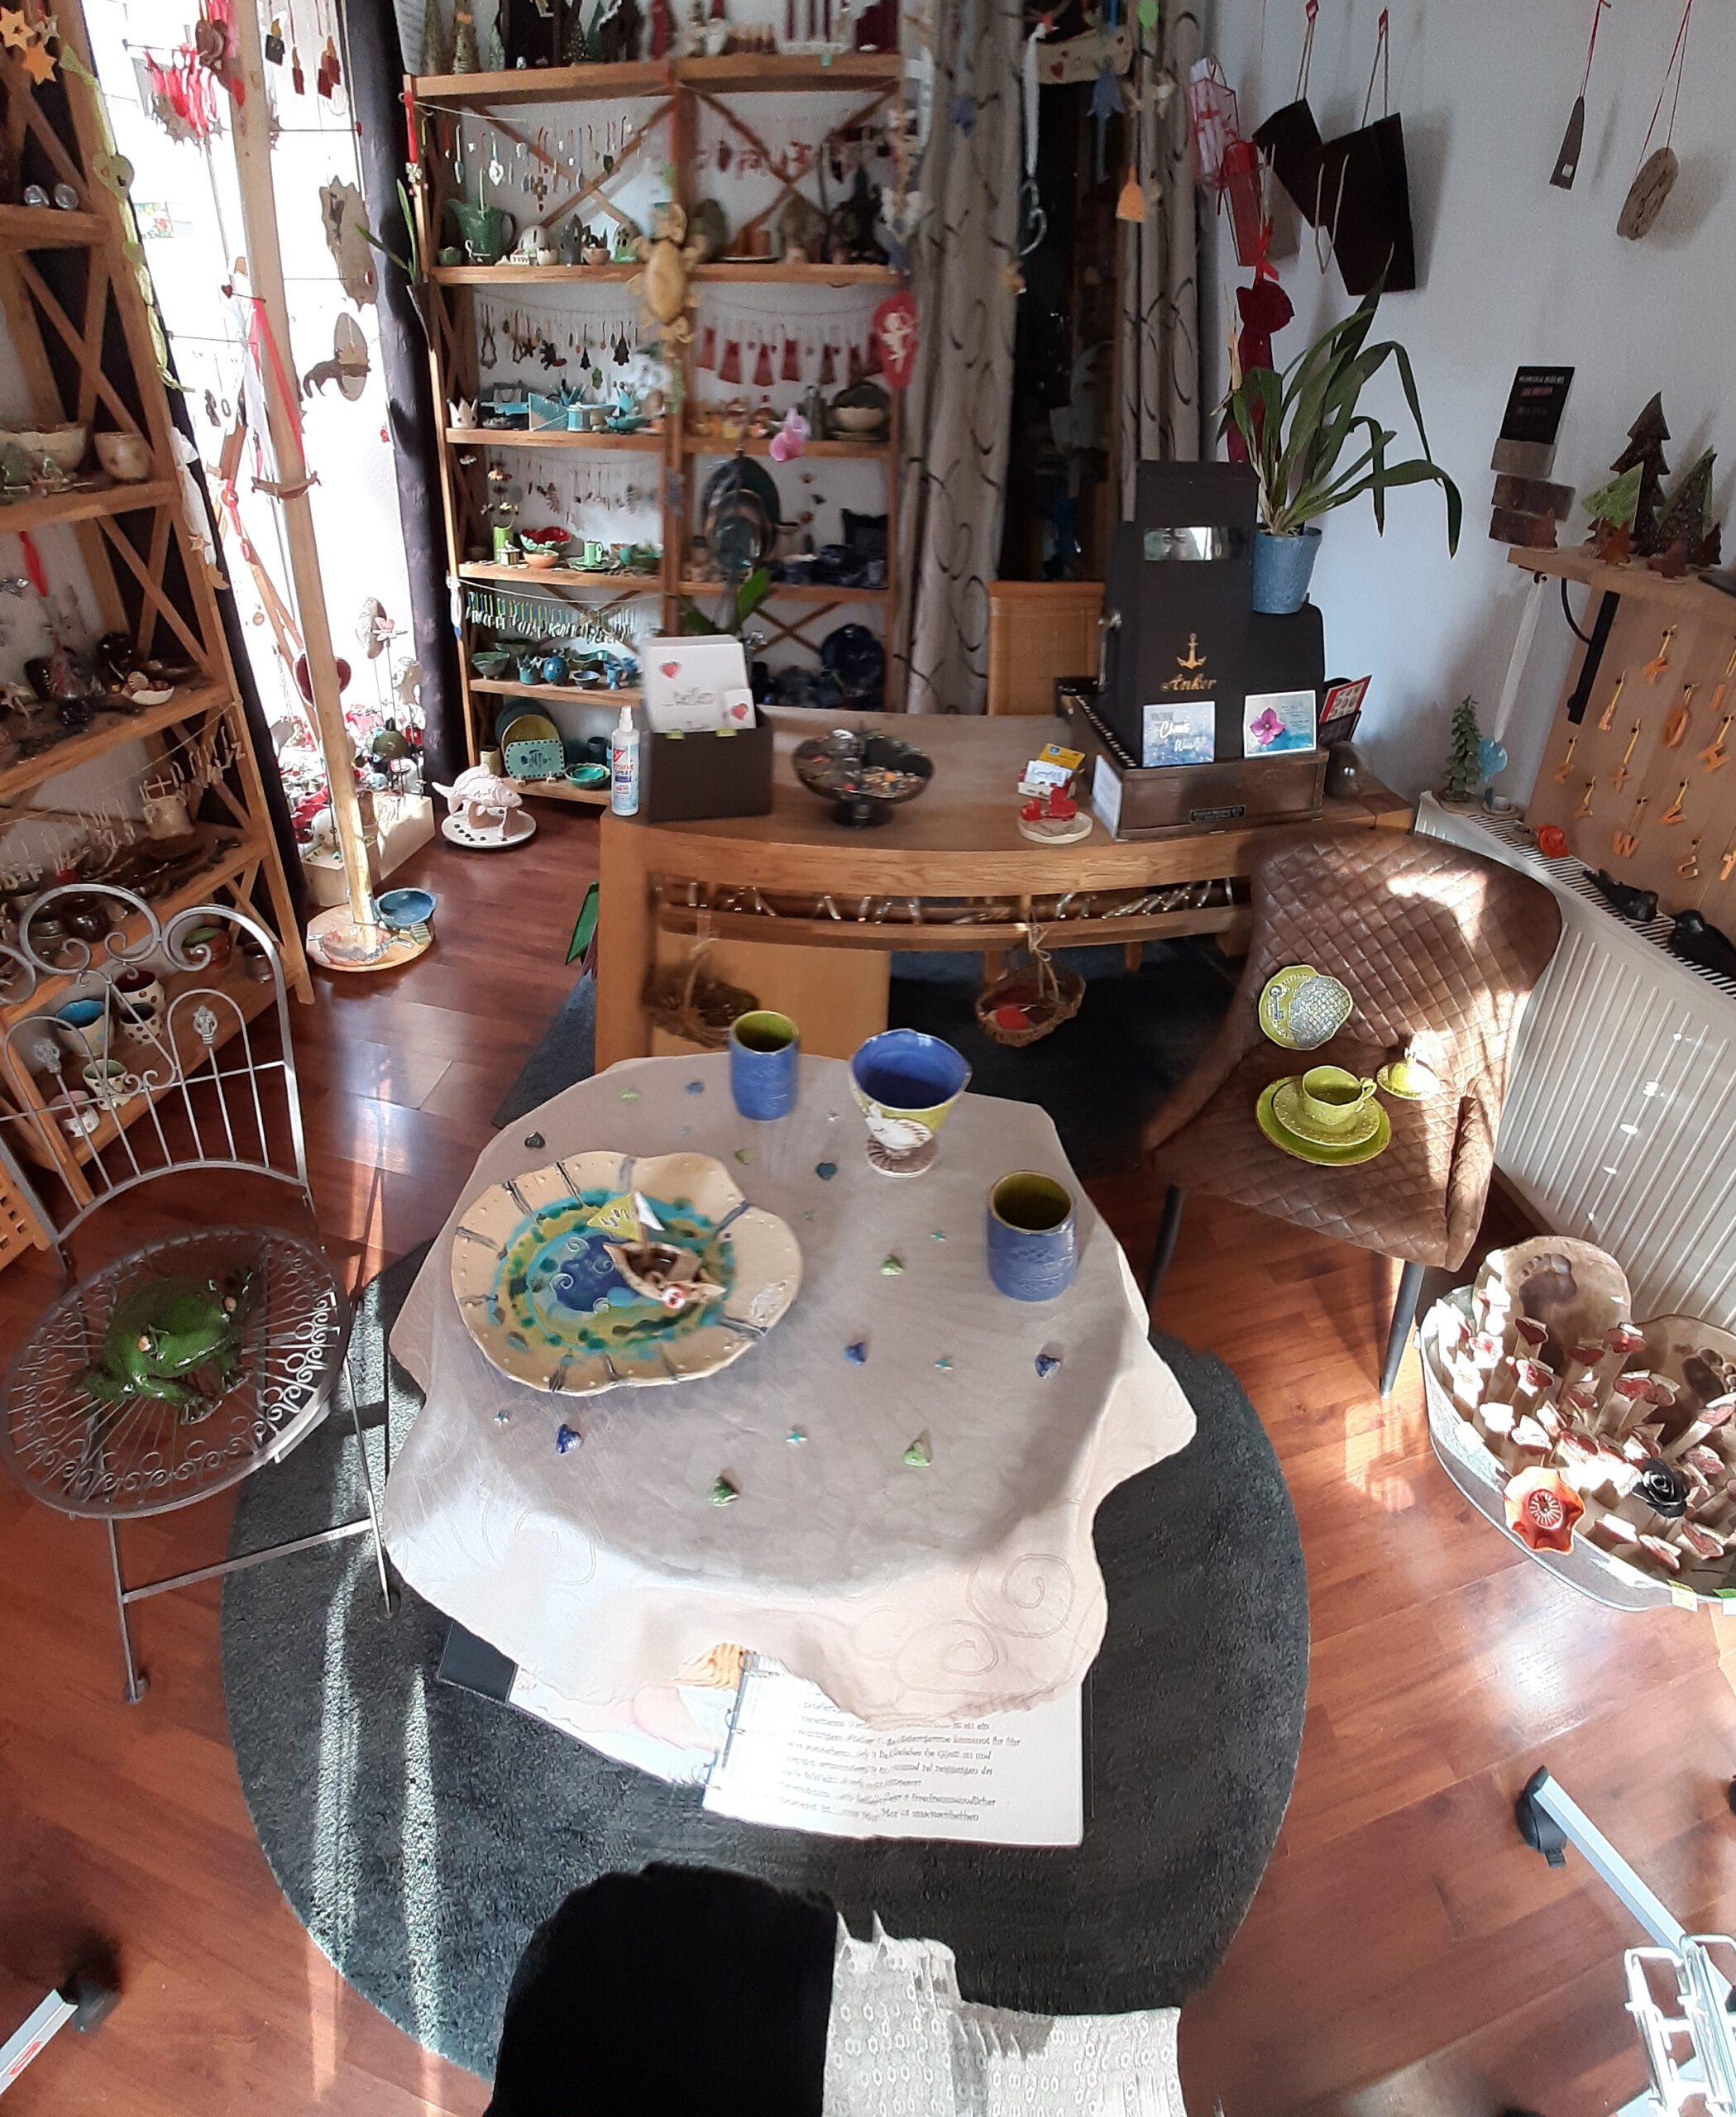 Keramik in Augsburg, KeraMik von Herz zu Herz, Geschenke von Hand gemacht, Clayartist, Unikate mit Liebe gefertigt, Kreativität in Hand & Kopf, Motivation von Herz zu Herz, Texte zum Nachsinnen